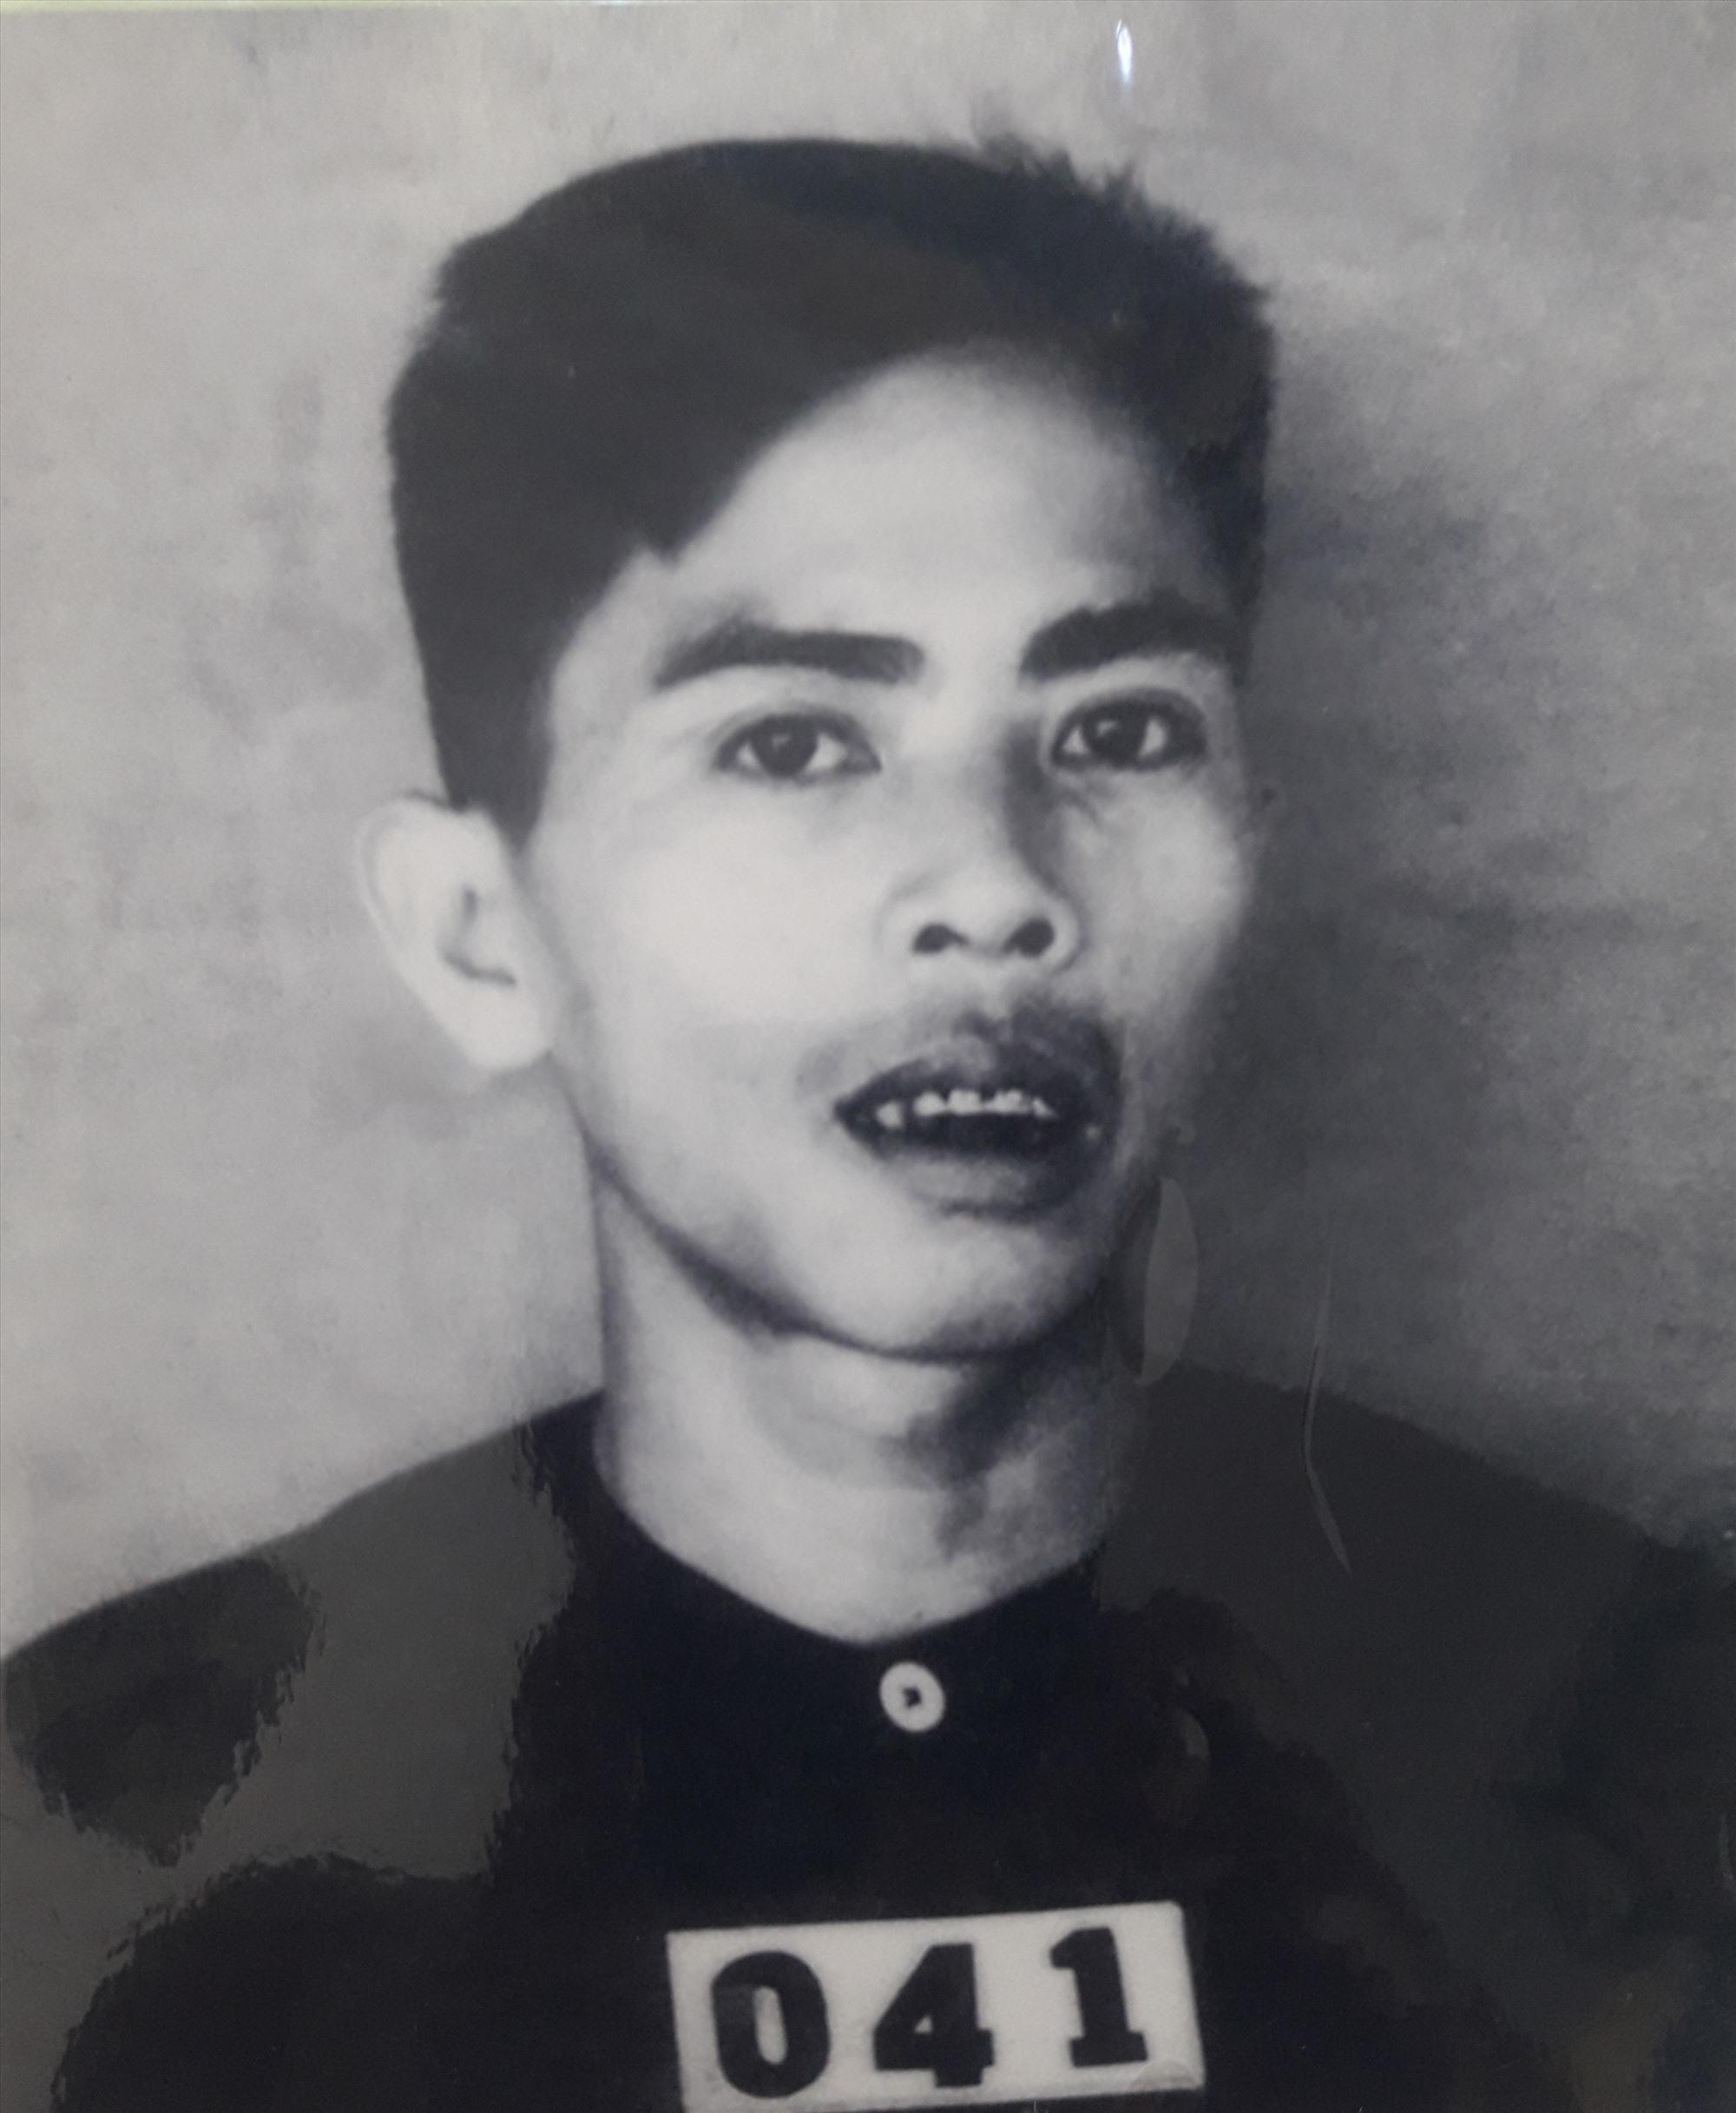 Anh hùng lực lượng vũ trang nhân dân Trần Ngự.